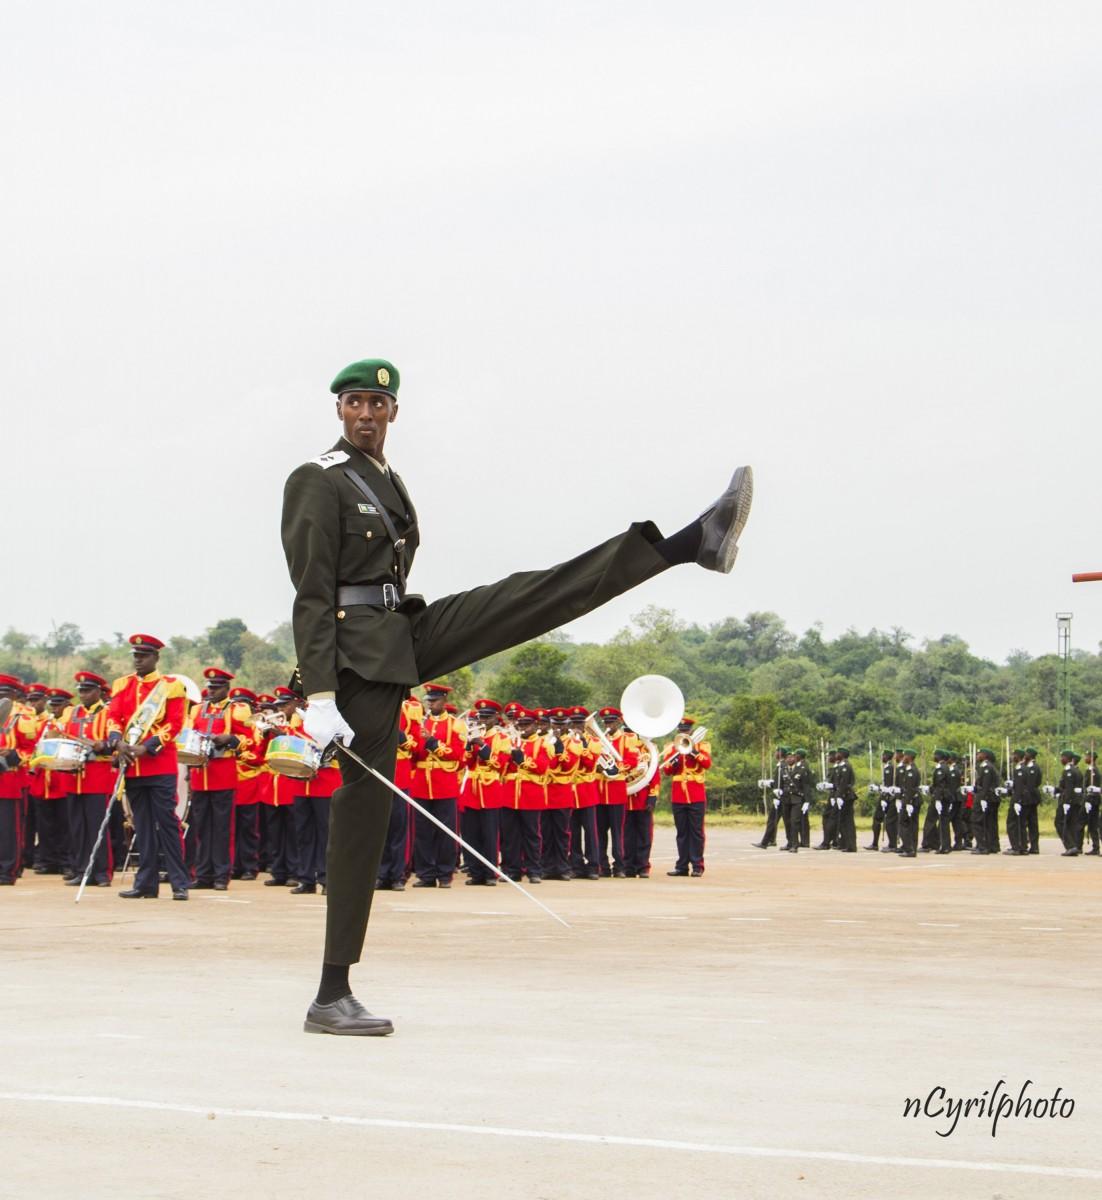 военный парад в черной африке